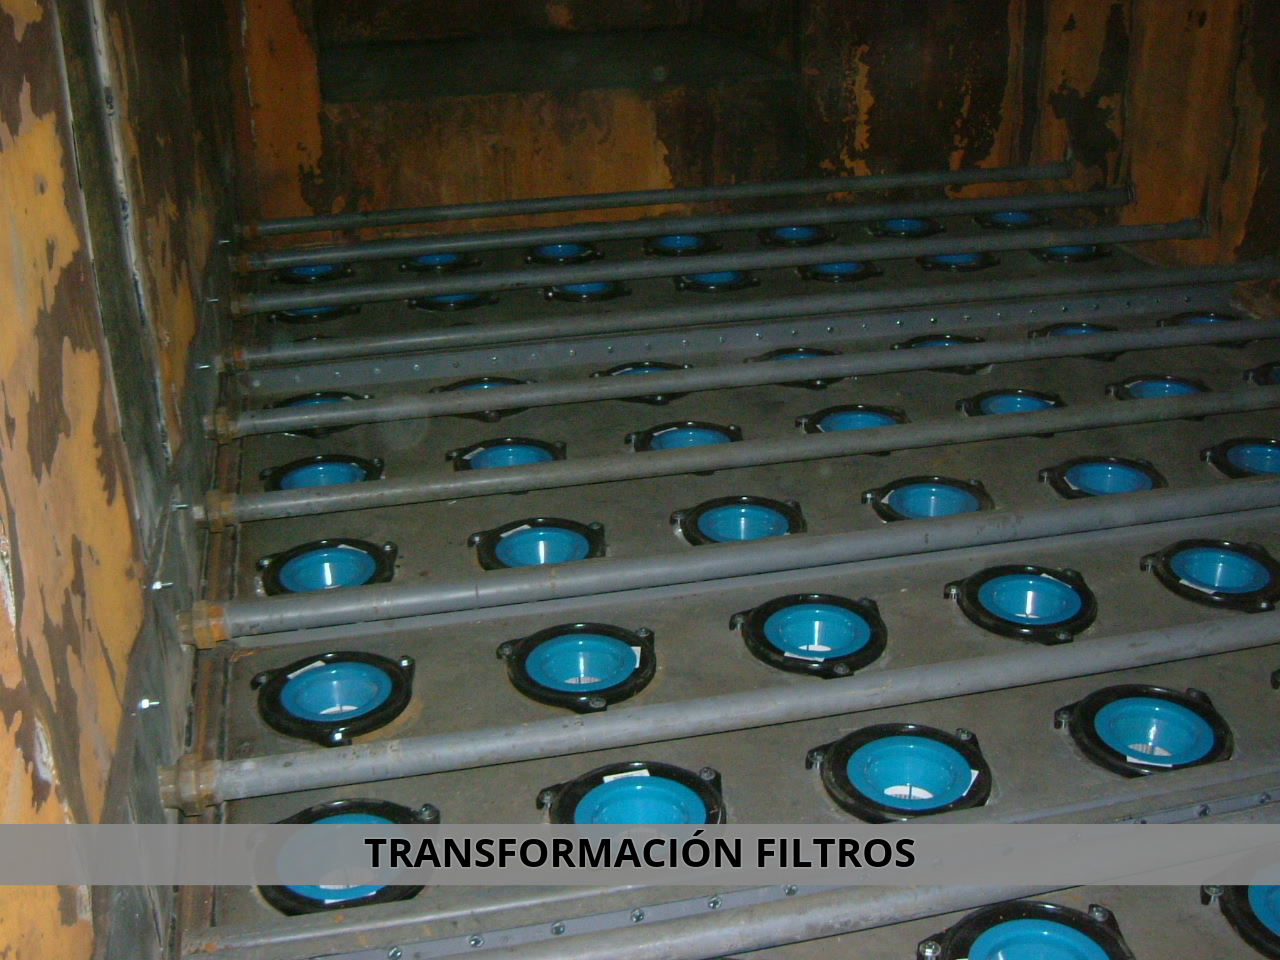 Transformación de filtros